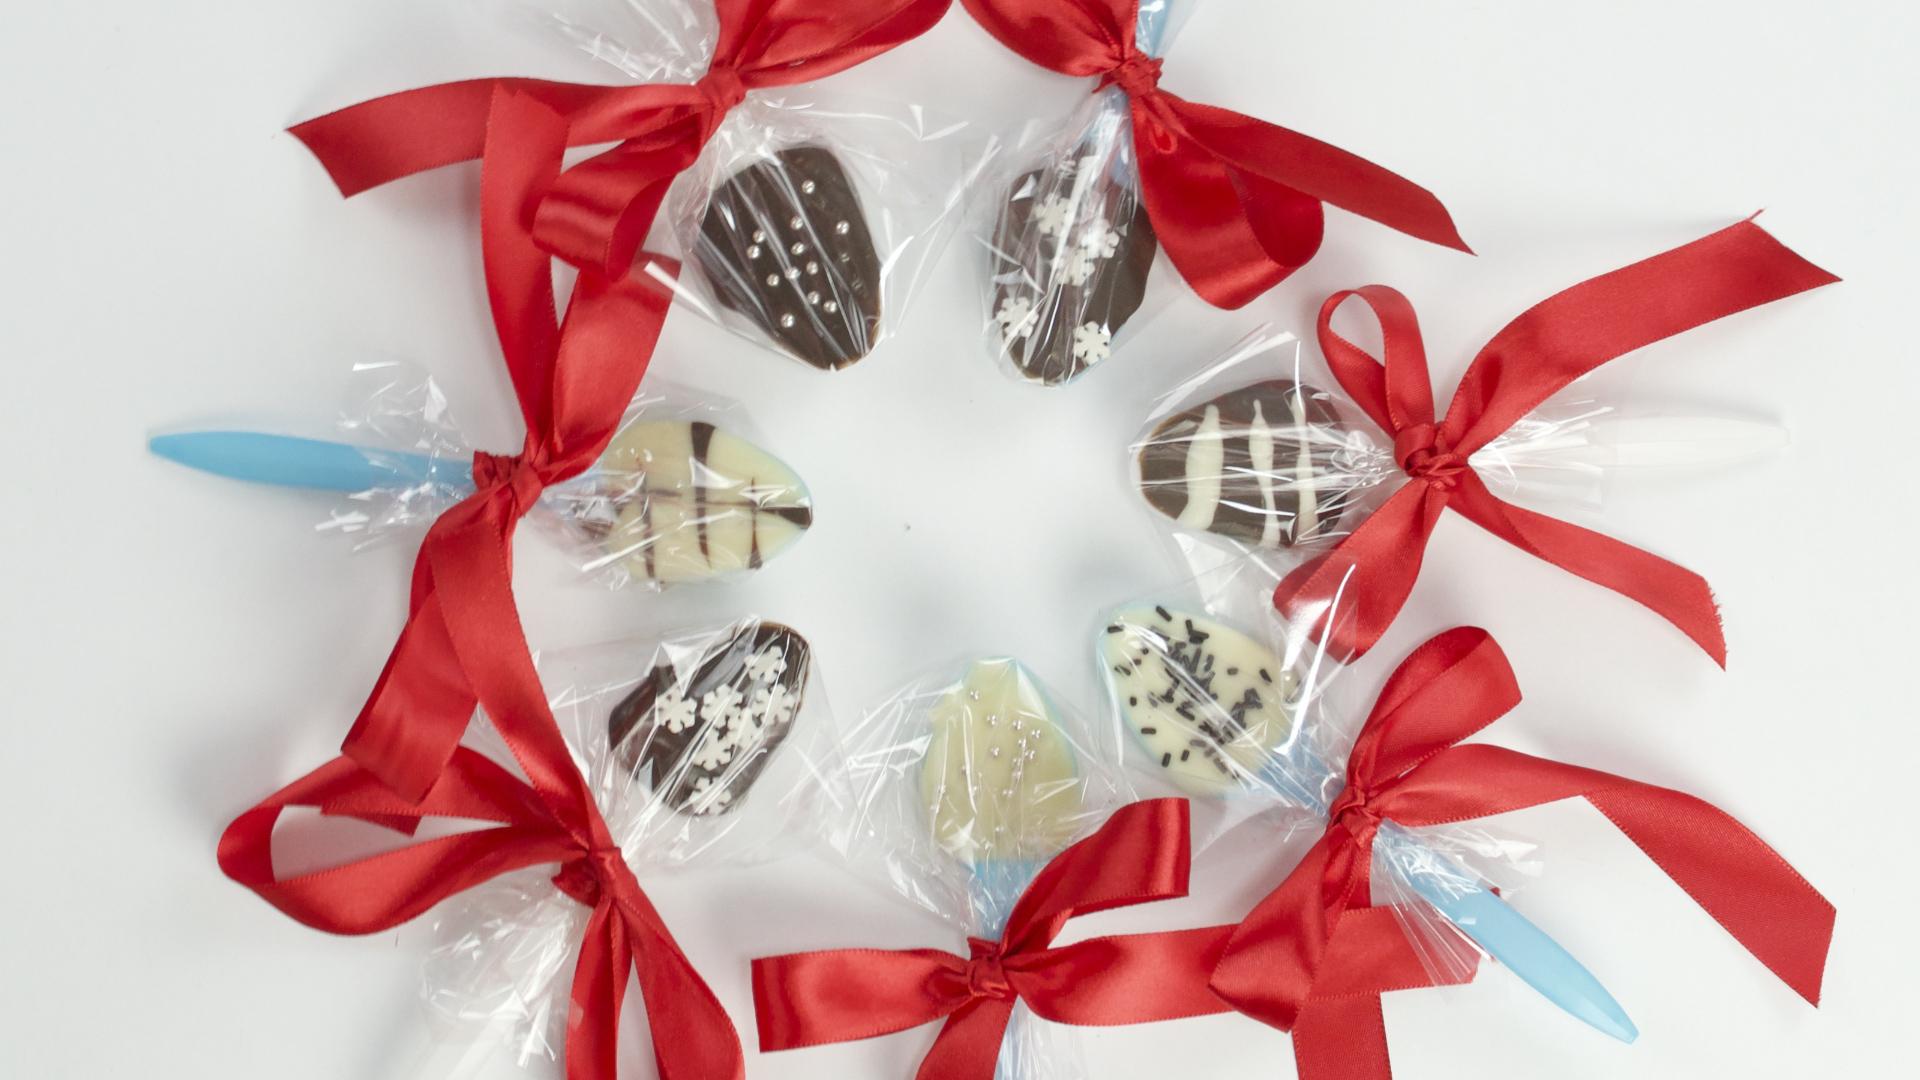 cokoladne kasike